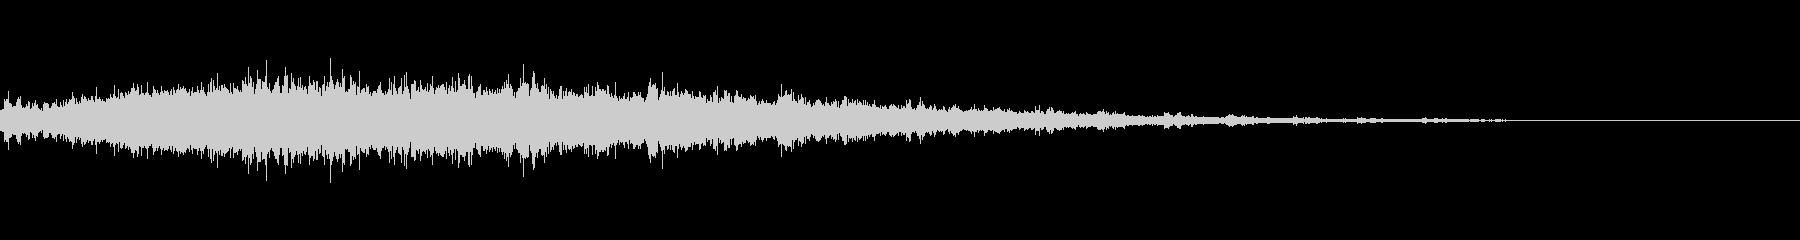 キラキラしたテロップ音(スレイベル付き)の未再生の波形